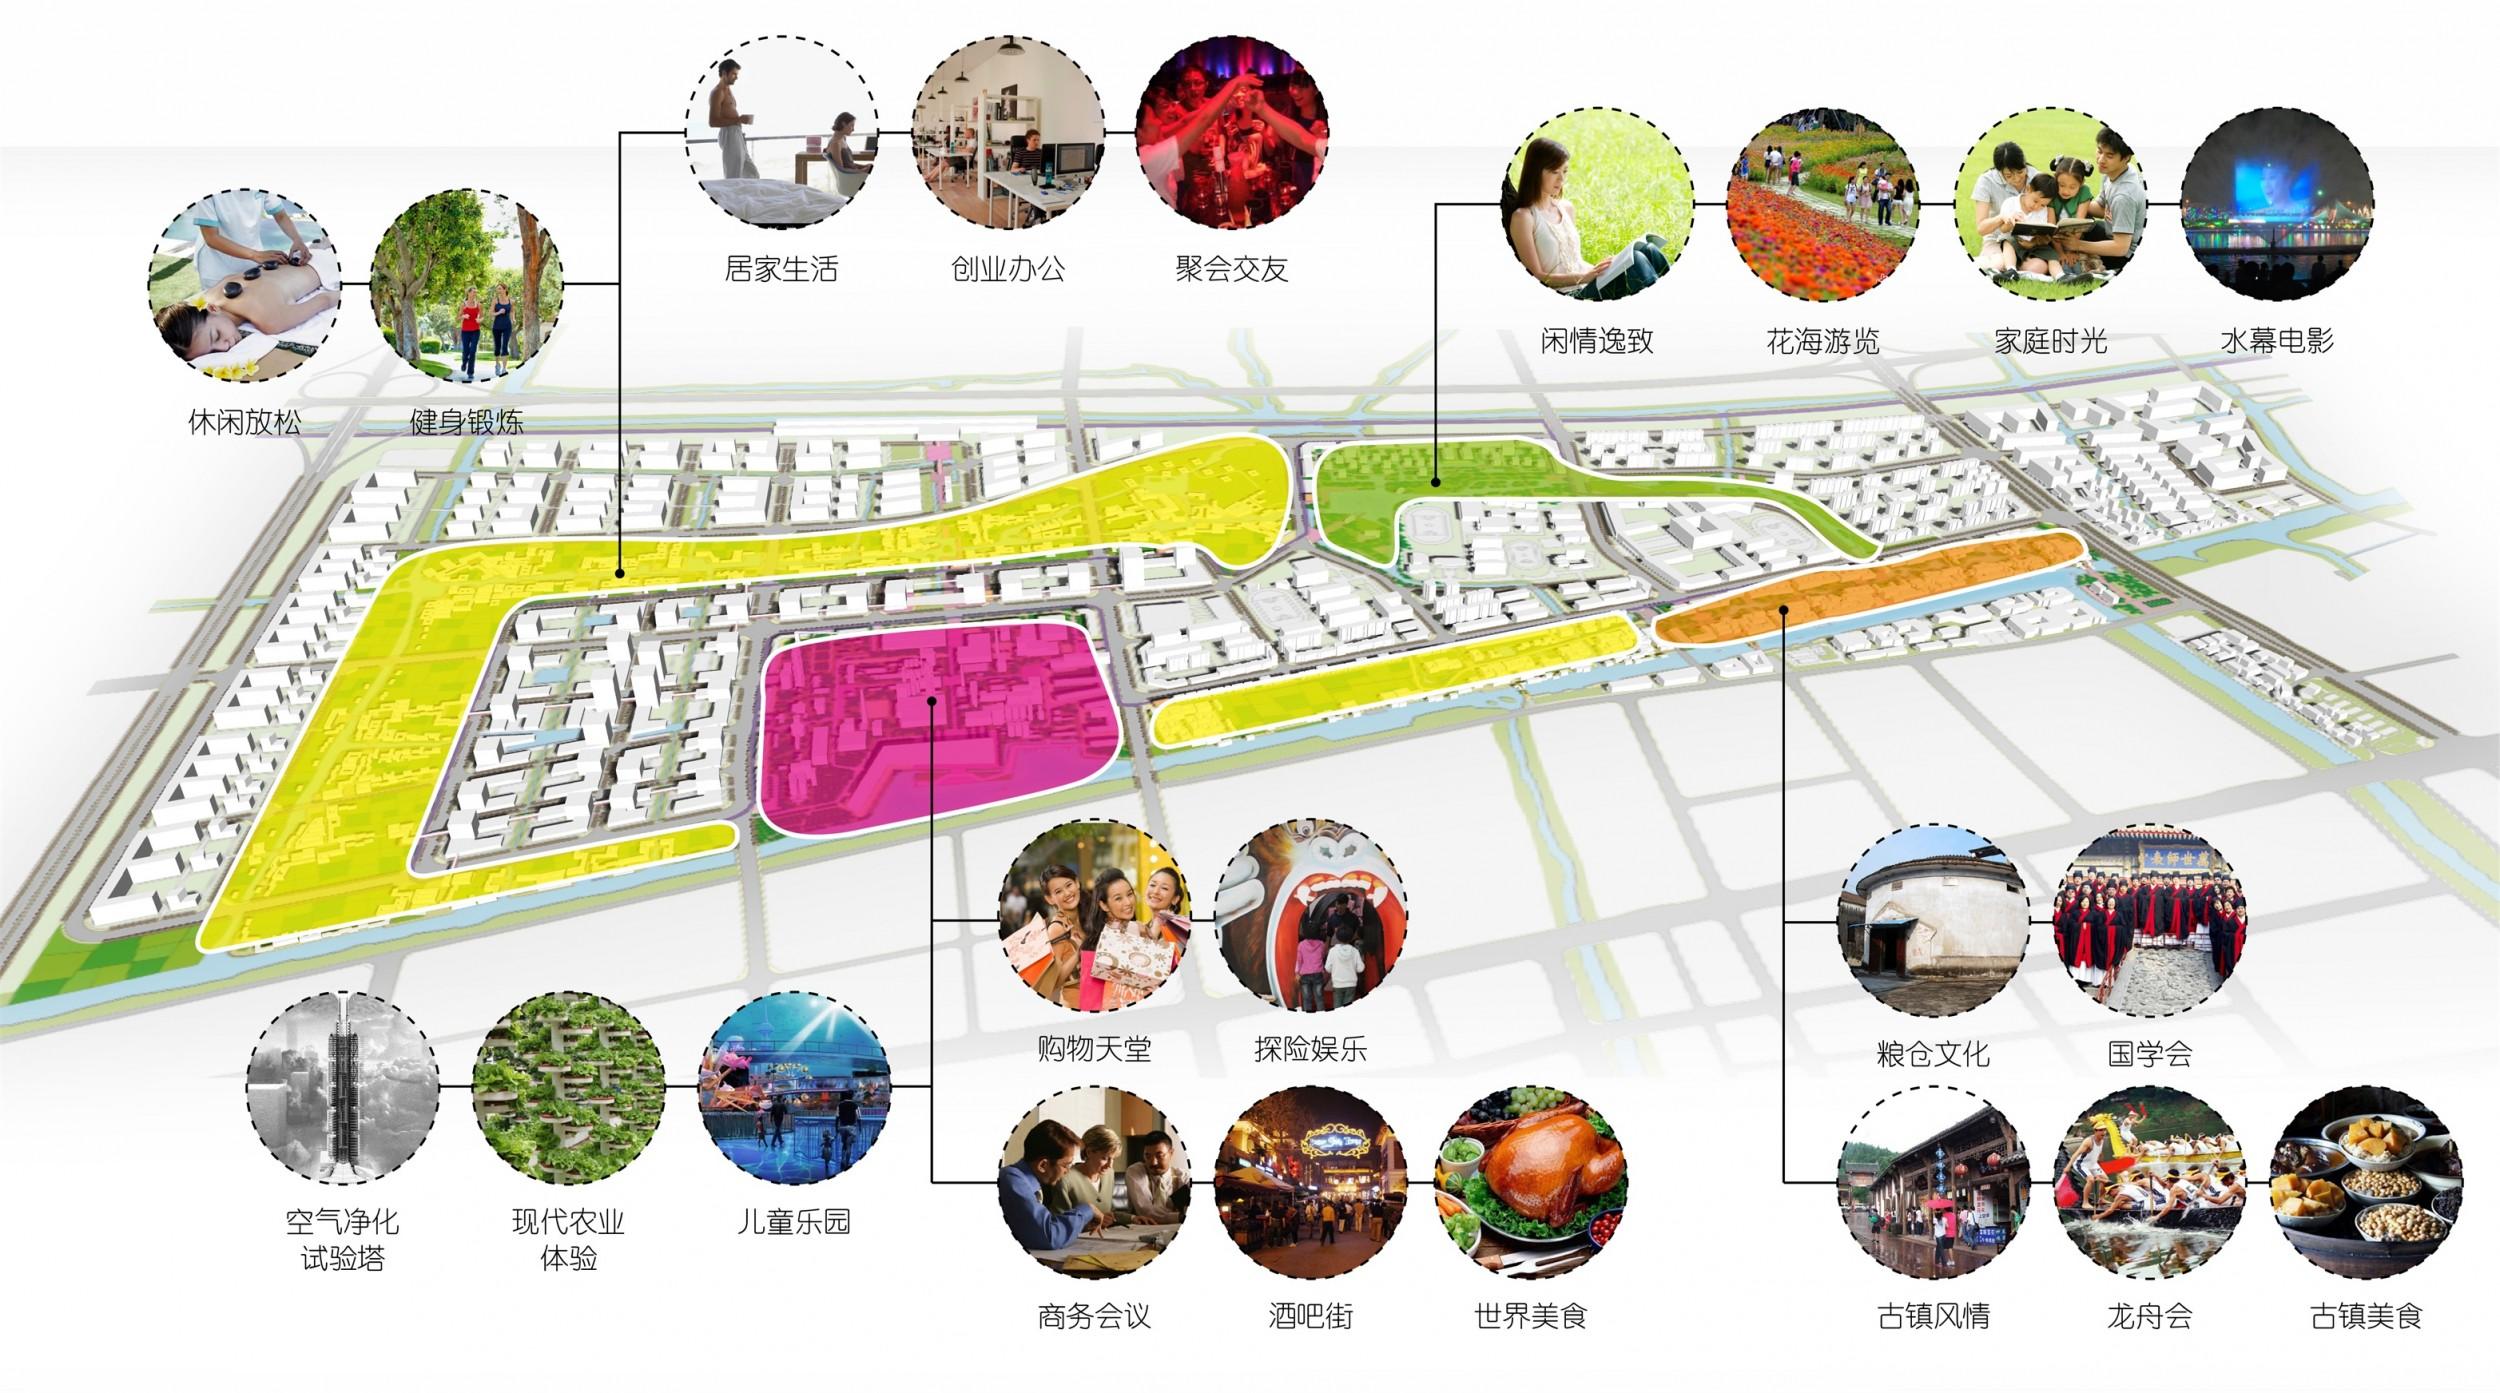 2015年杭州梦想小镇概念规划设计国际竞标中标方案—NITA-78.jpg